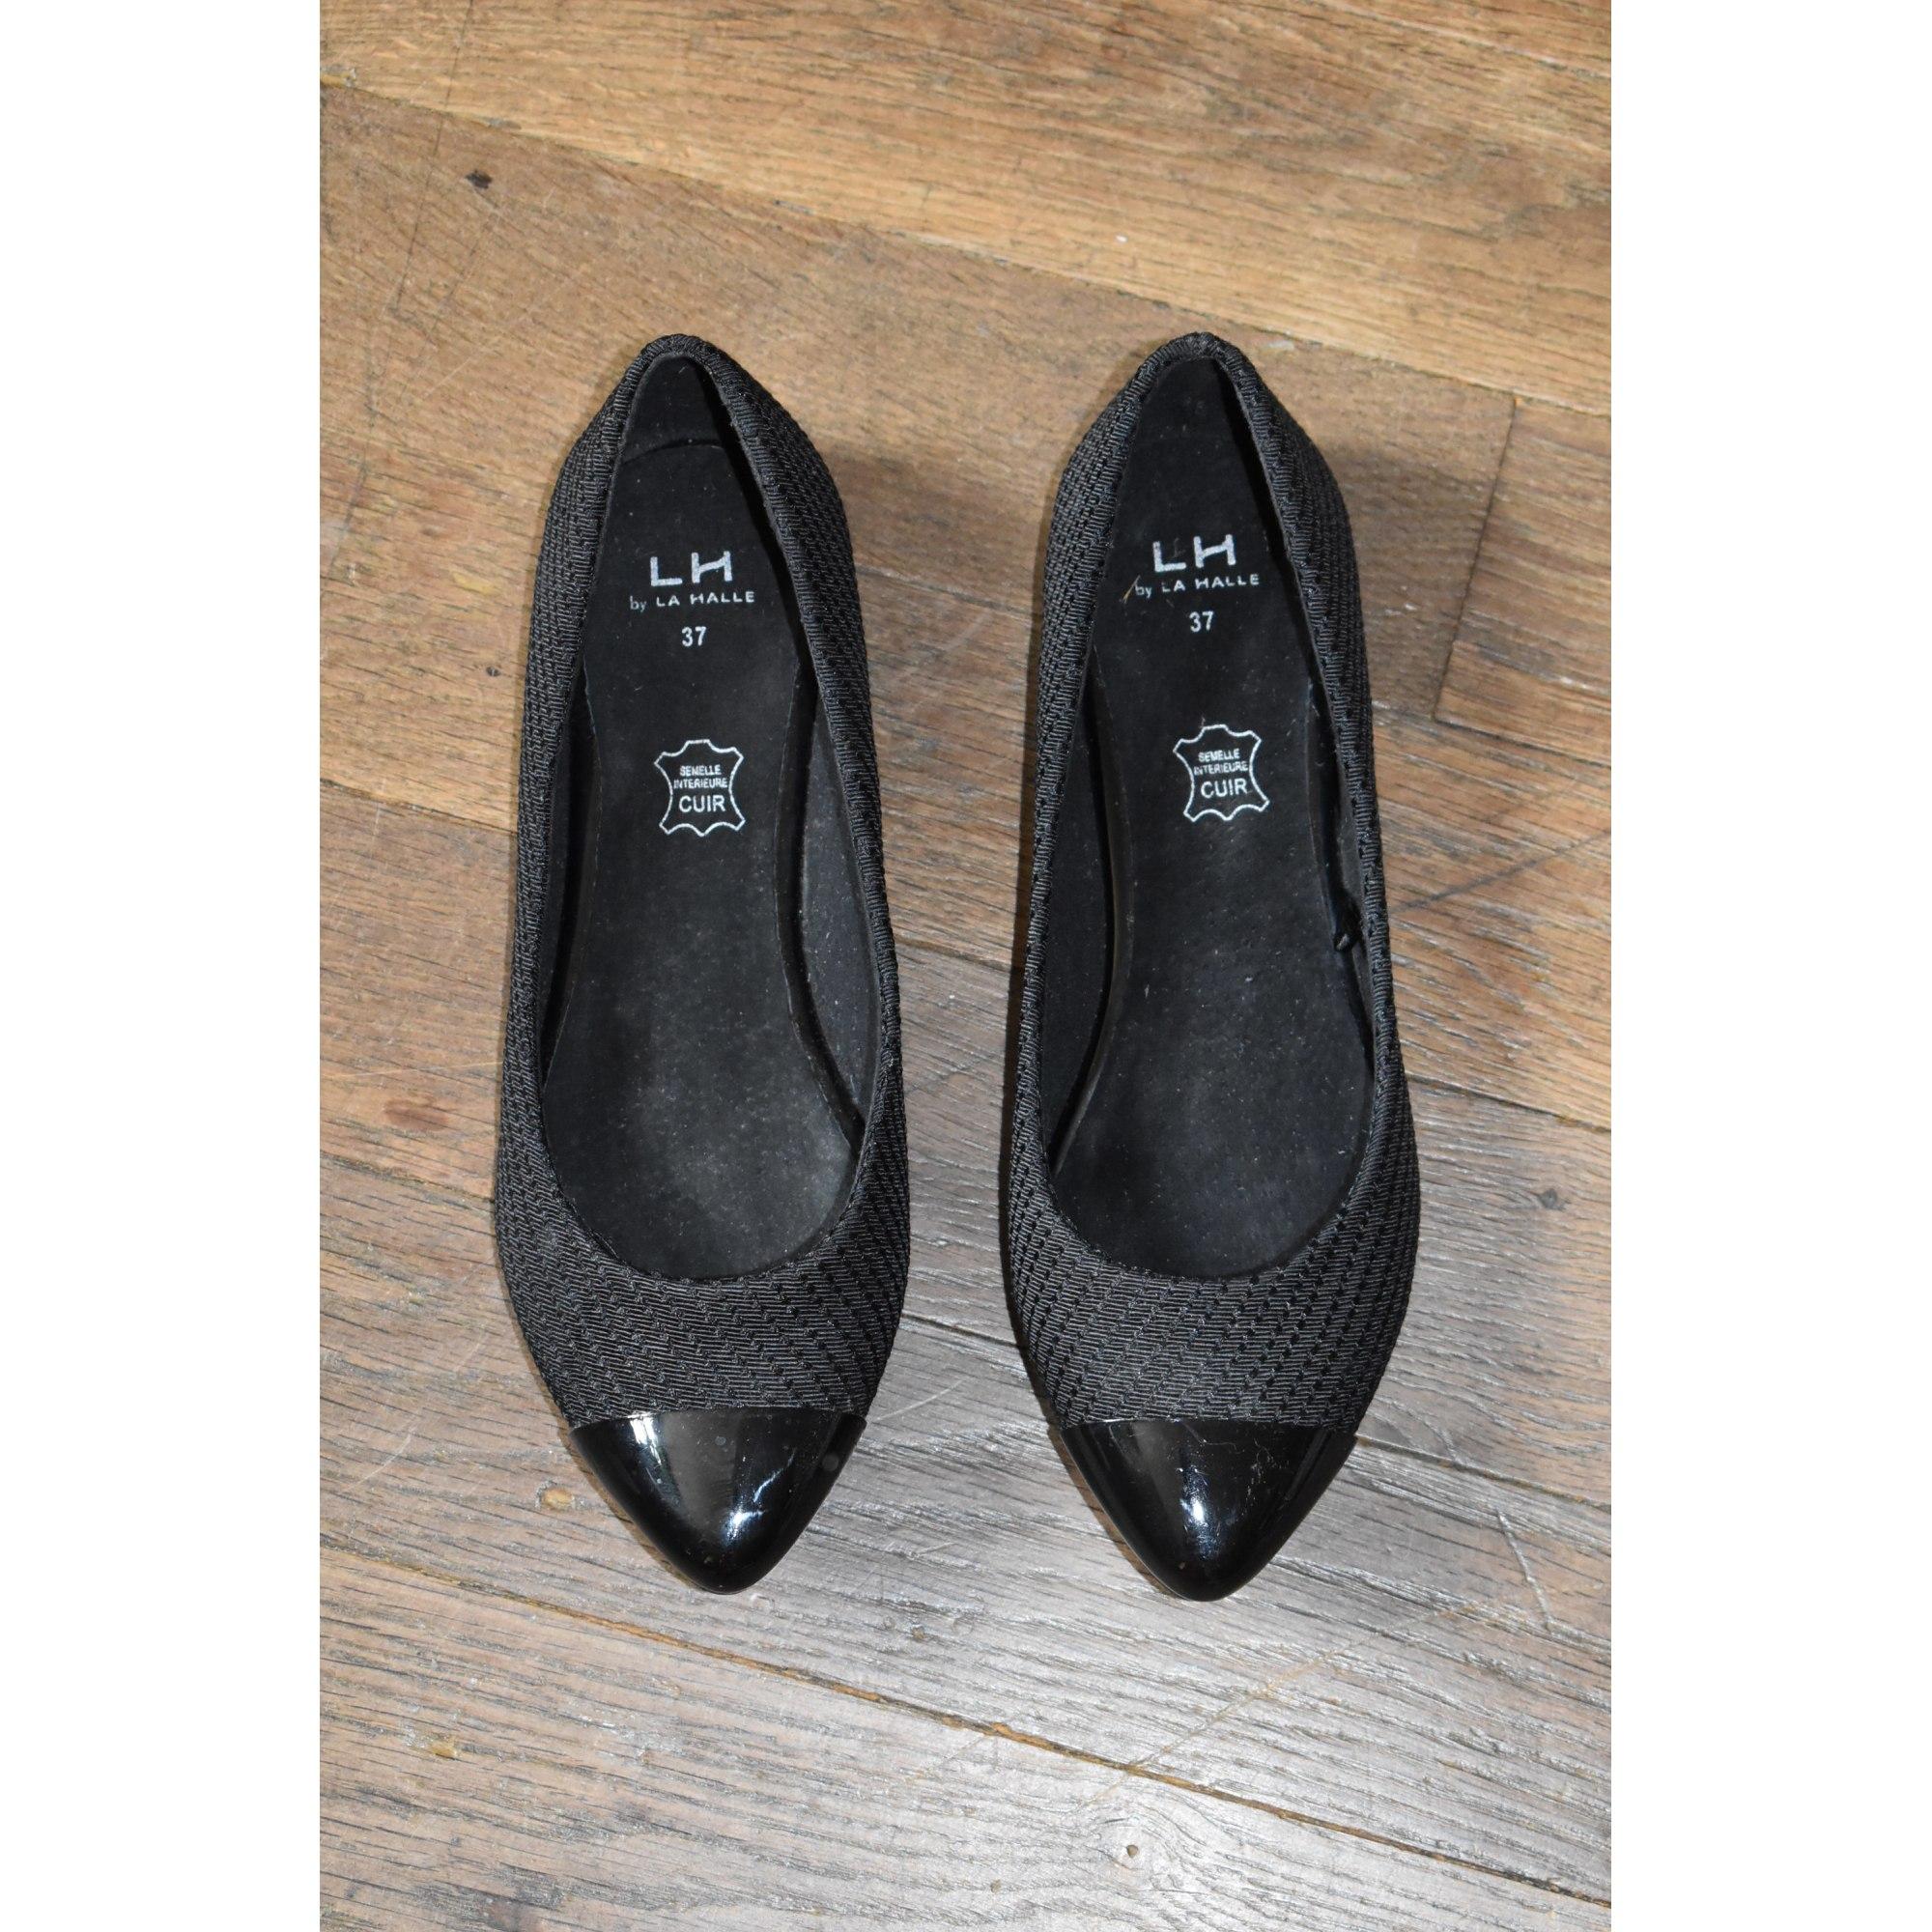 au chaussure halle montres femme la DIWHE29